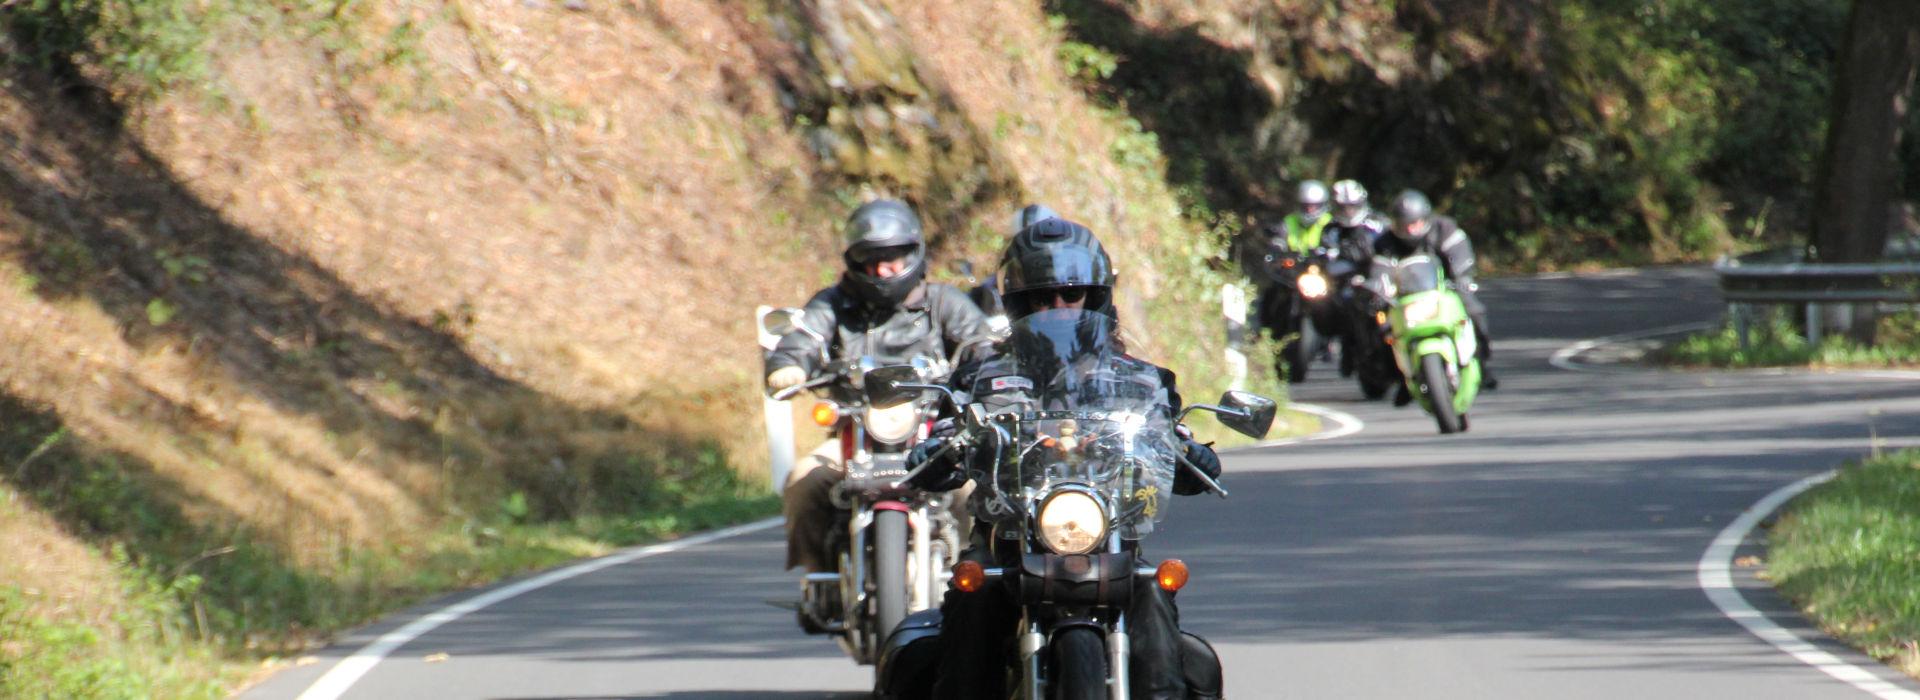 Motorrijschool Motorrijbewijspoint Wijnandsrade motorrijlessen